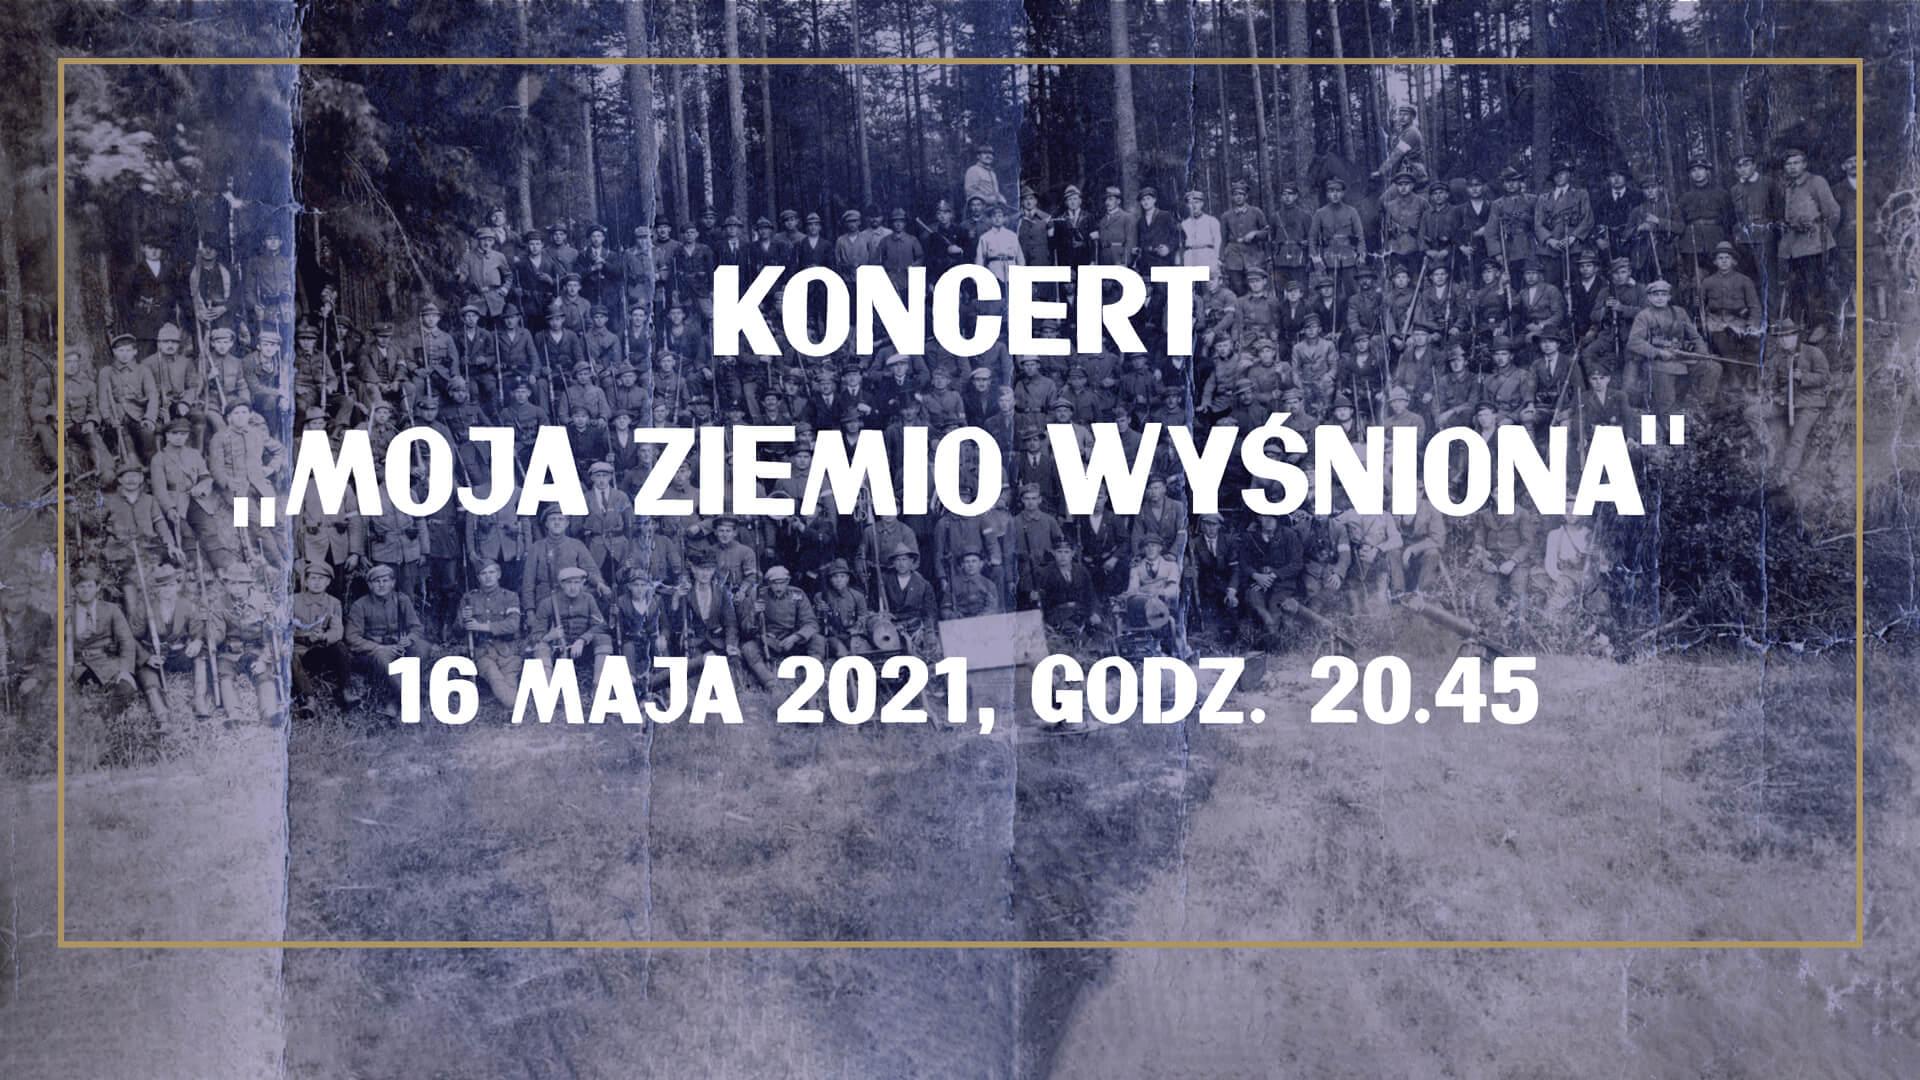 Transmisja wyjątkowego koncertu z opolskiego amfiteatru - na antenie Polskiego Radia Białystok i naszej stronie internetowej